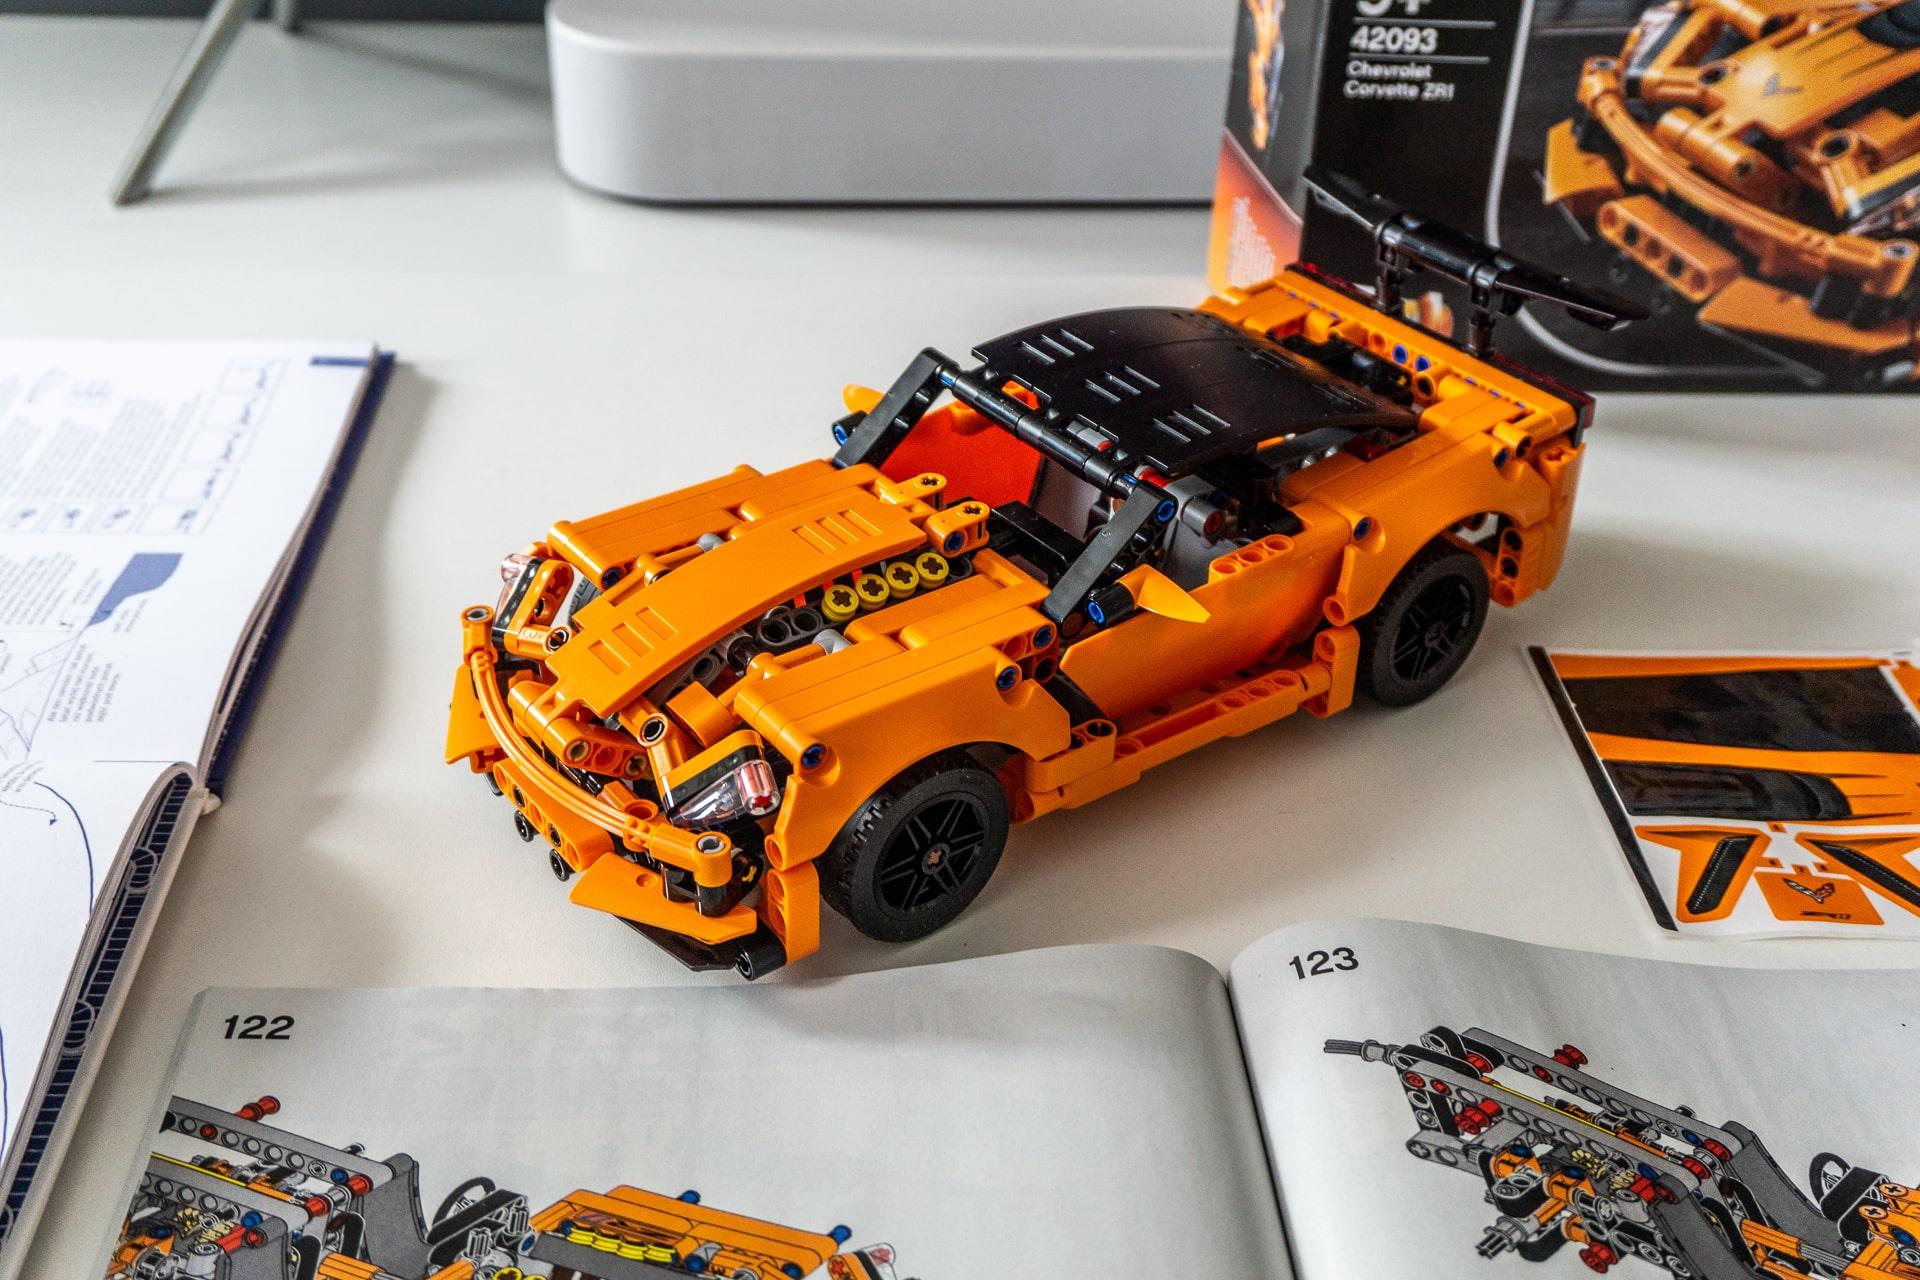 Elektrizitate gabe jolasten dugu: LEGO Chevrolet Corvette ZR1 prezio-edukien erlazio bikaina da.  Sorpresa baikorra